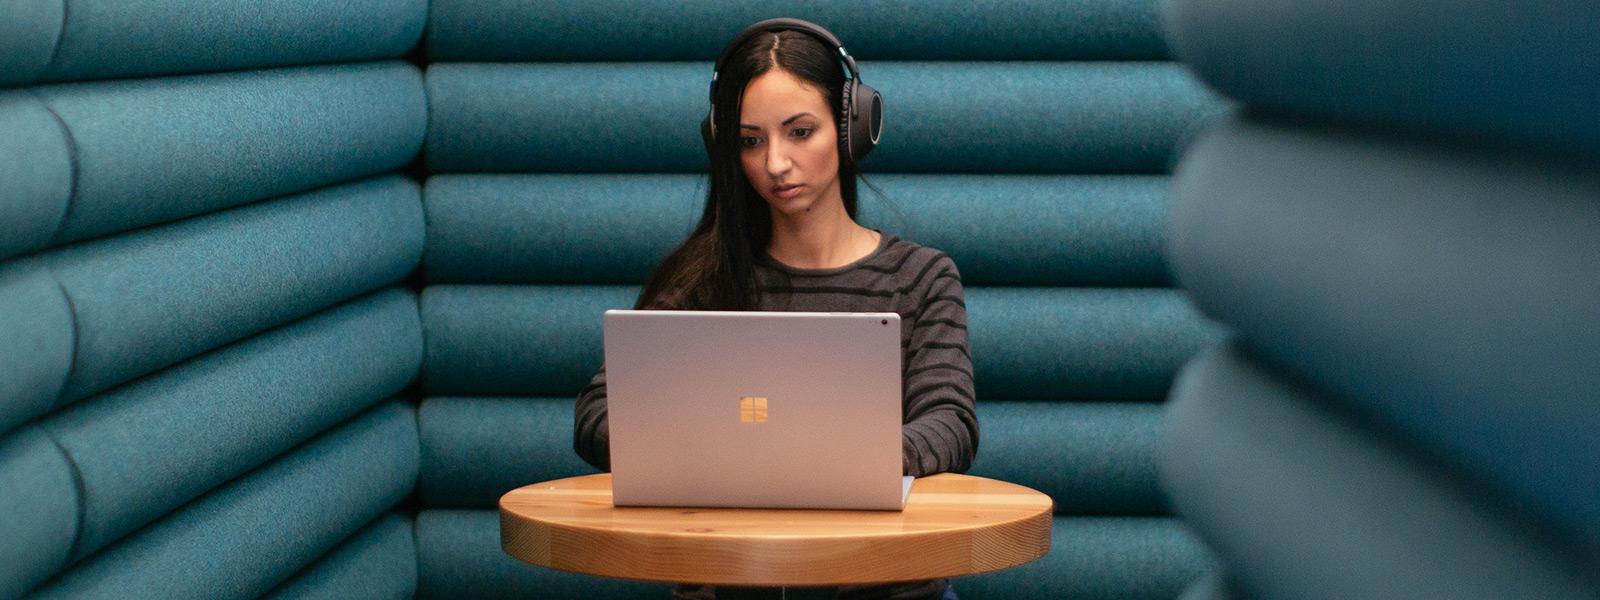 一名女士戴着耳机独自静坐,她正使用 Windows 10 电脑进行工作